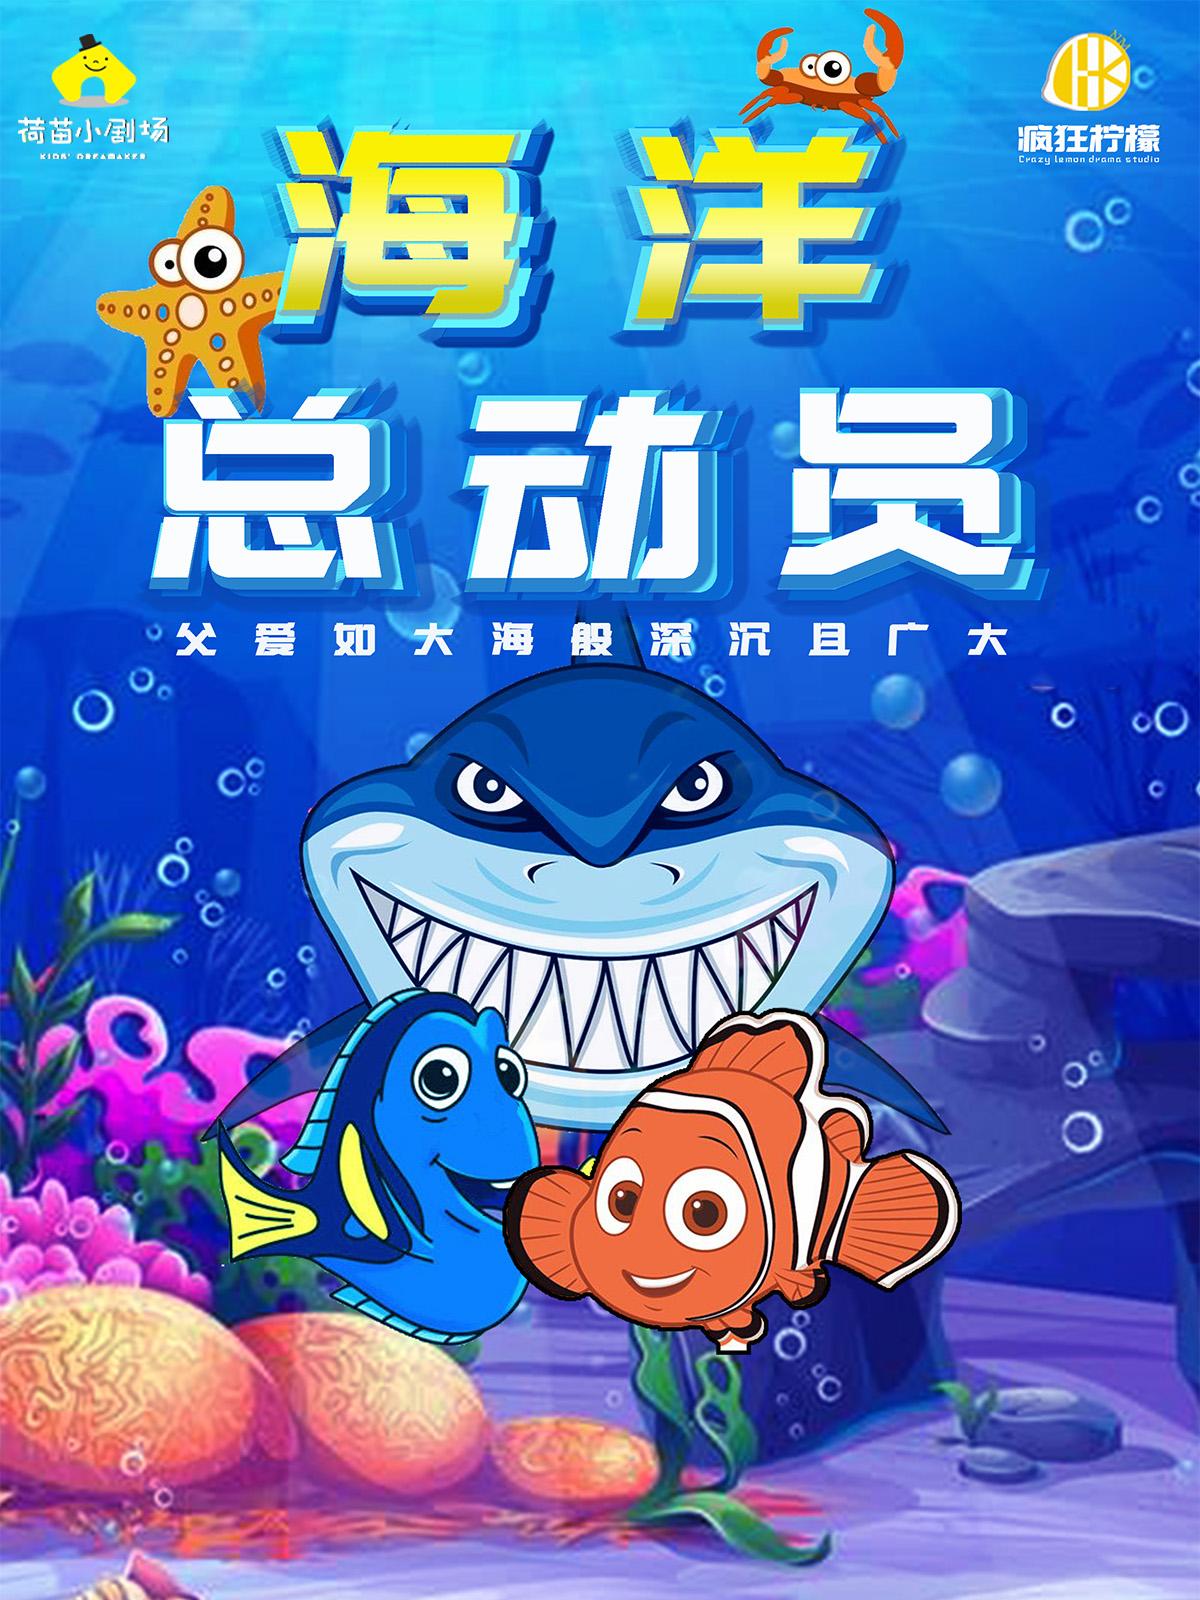 【重庆】大型沉浸式儿童欢乐剧《海洋总动员》